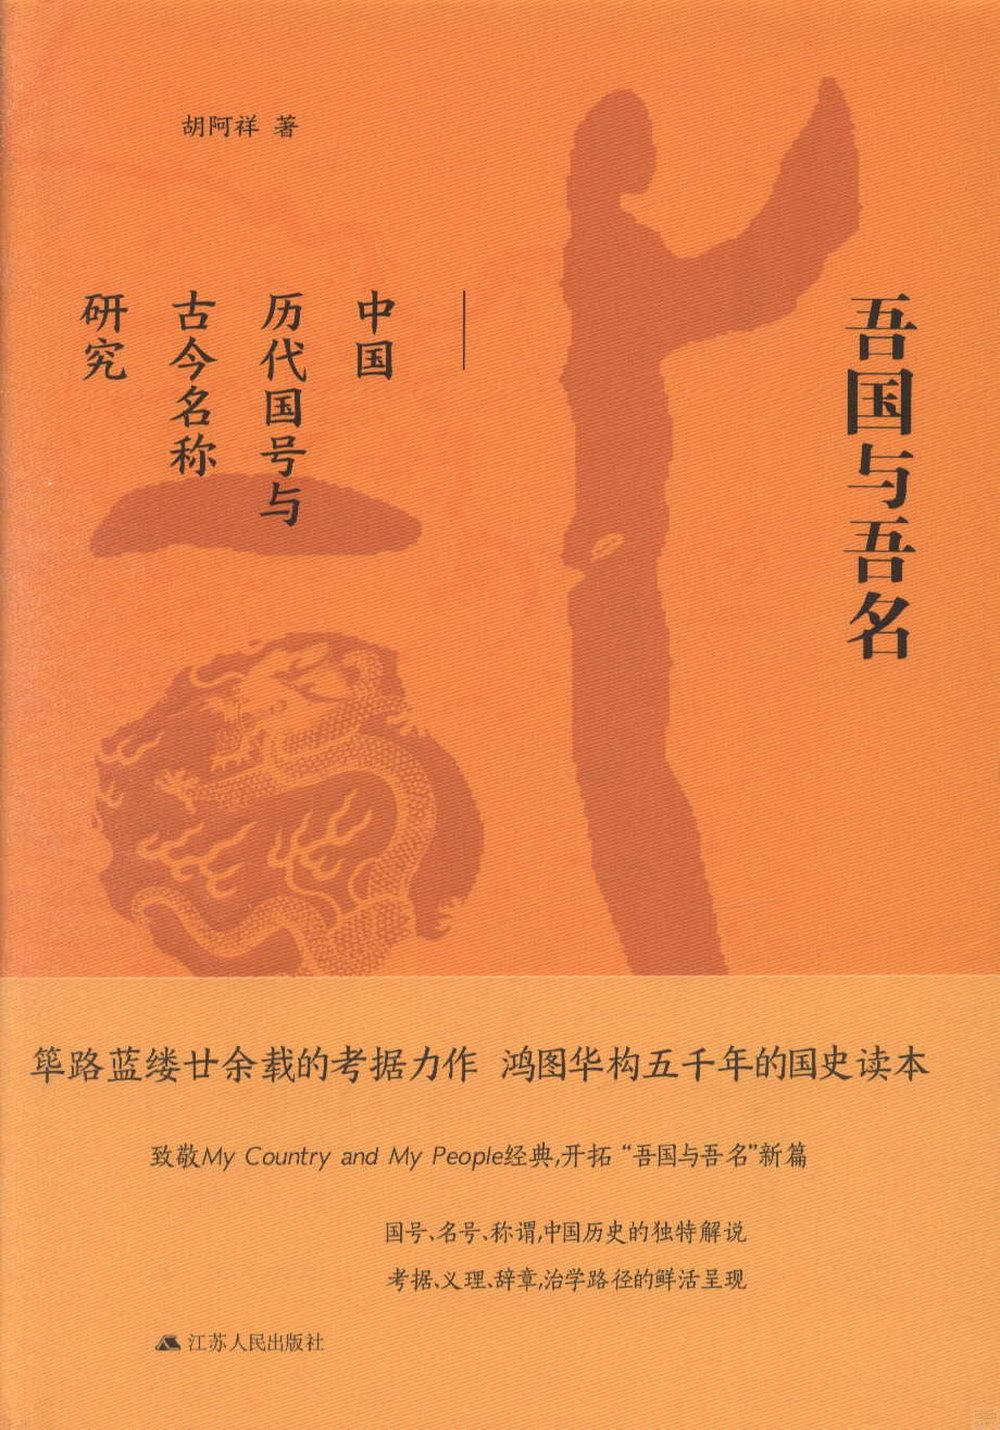 吾國與吾名--中國歷代國號與古今名稱研究